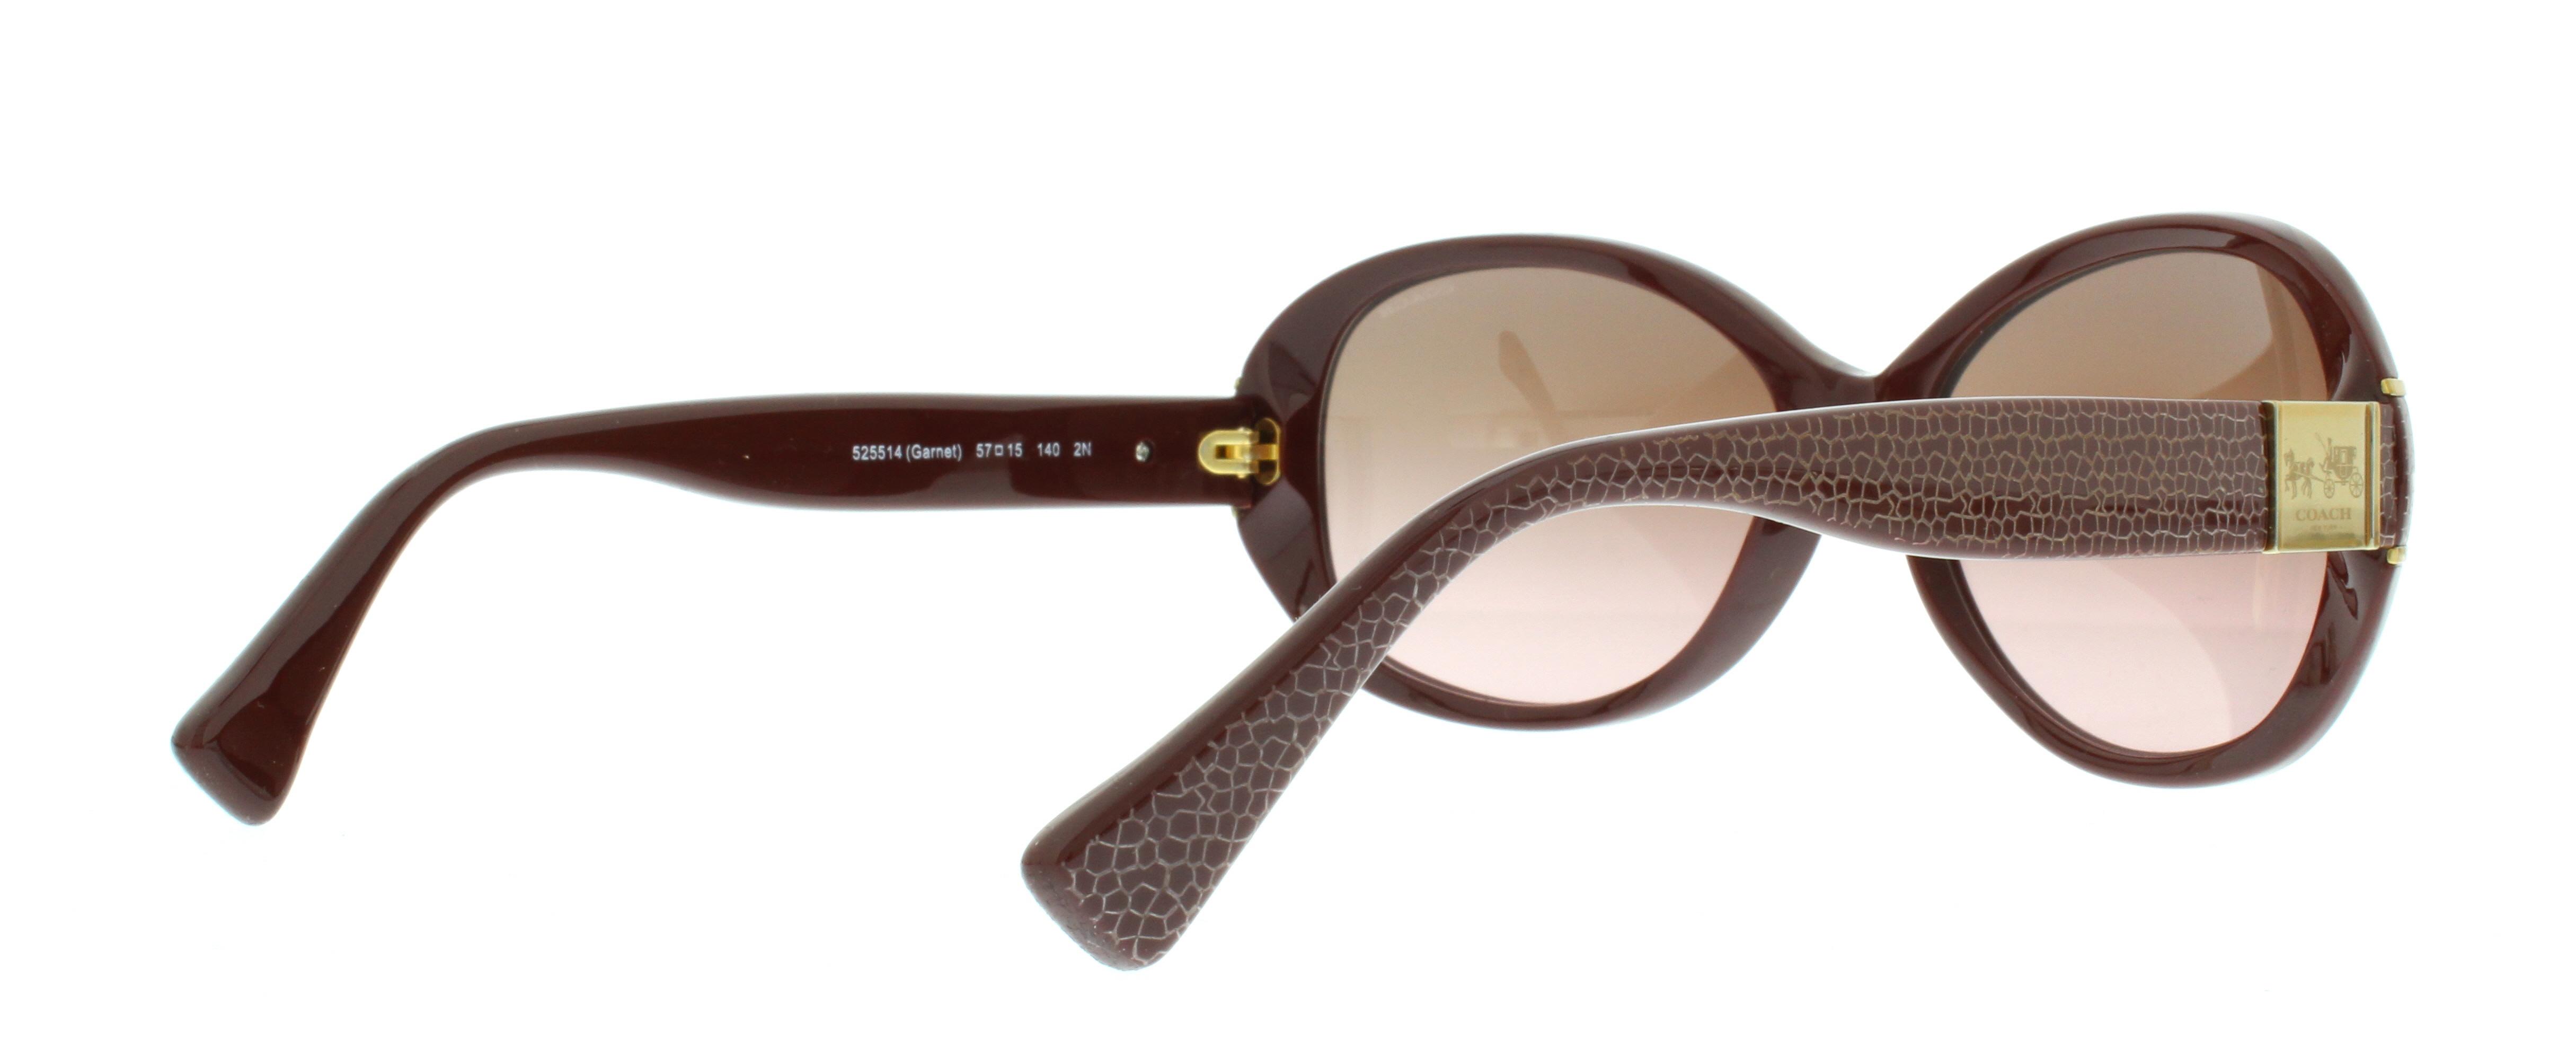 ad5da8fa5c39 clearance new coach l086 blaine black grey blue gradient authentic  sunglasses 9f120 6e9df; discount code for picture of coach sunglasses  hc8115 e017c eeb22